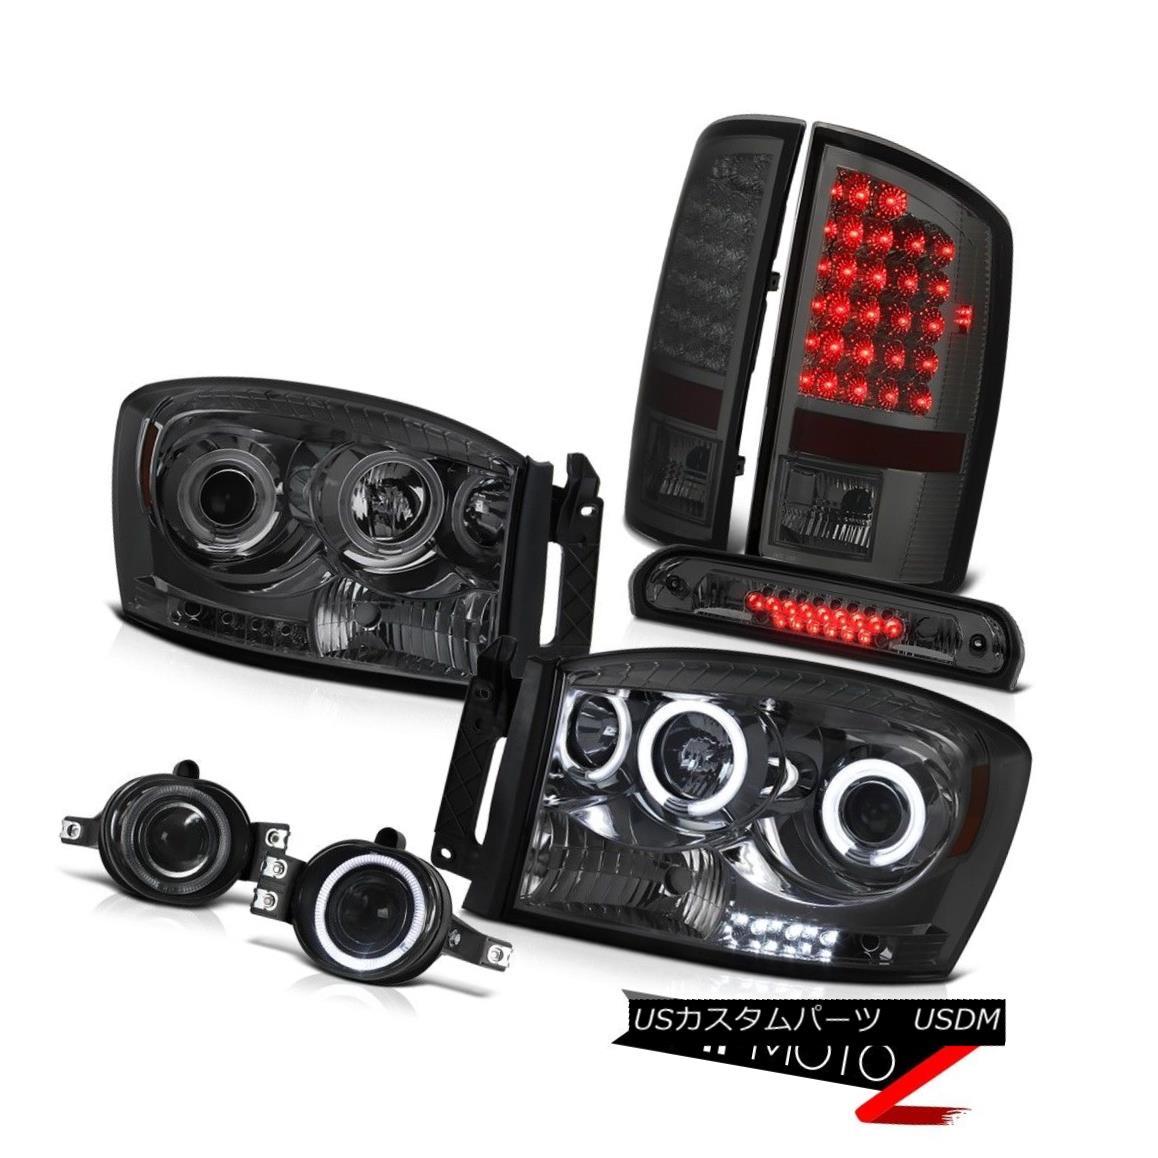 ヘッドライト Tinted CCFL DRL Halo Headlights Smoke LED Tail Lamps Fog 3rd Brake 2006 Ram SLT 着色CCFL DRL HaloヘッドライトスモークLEDテールランプフォグ第3ブレーキ2006 Ram SLT